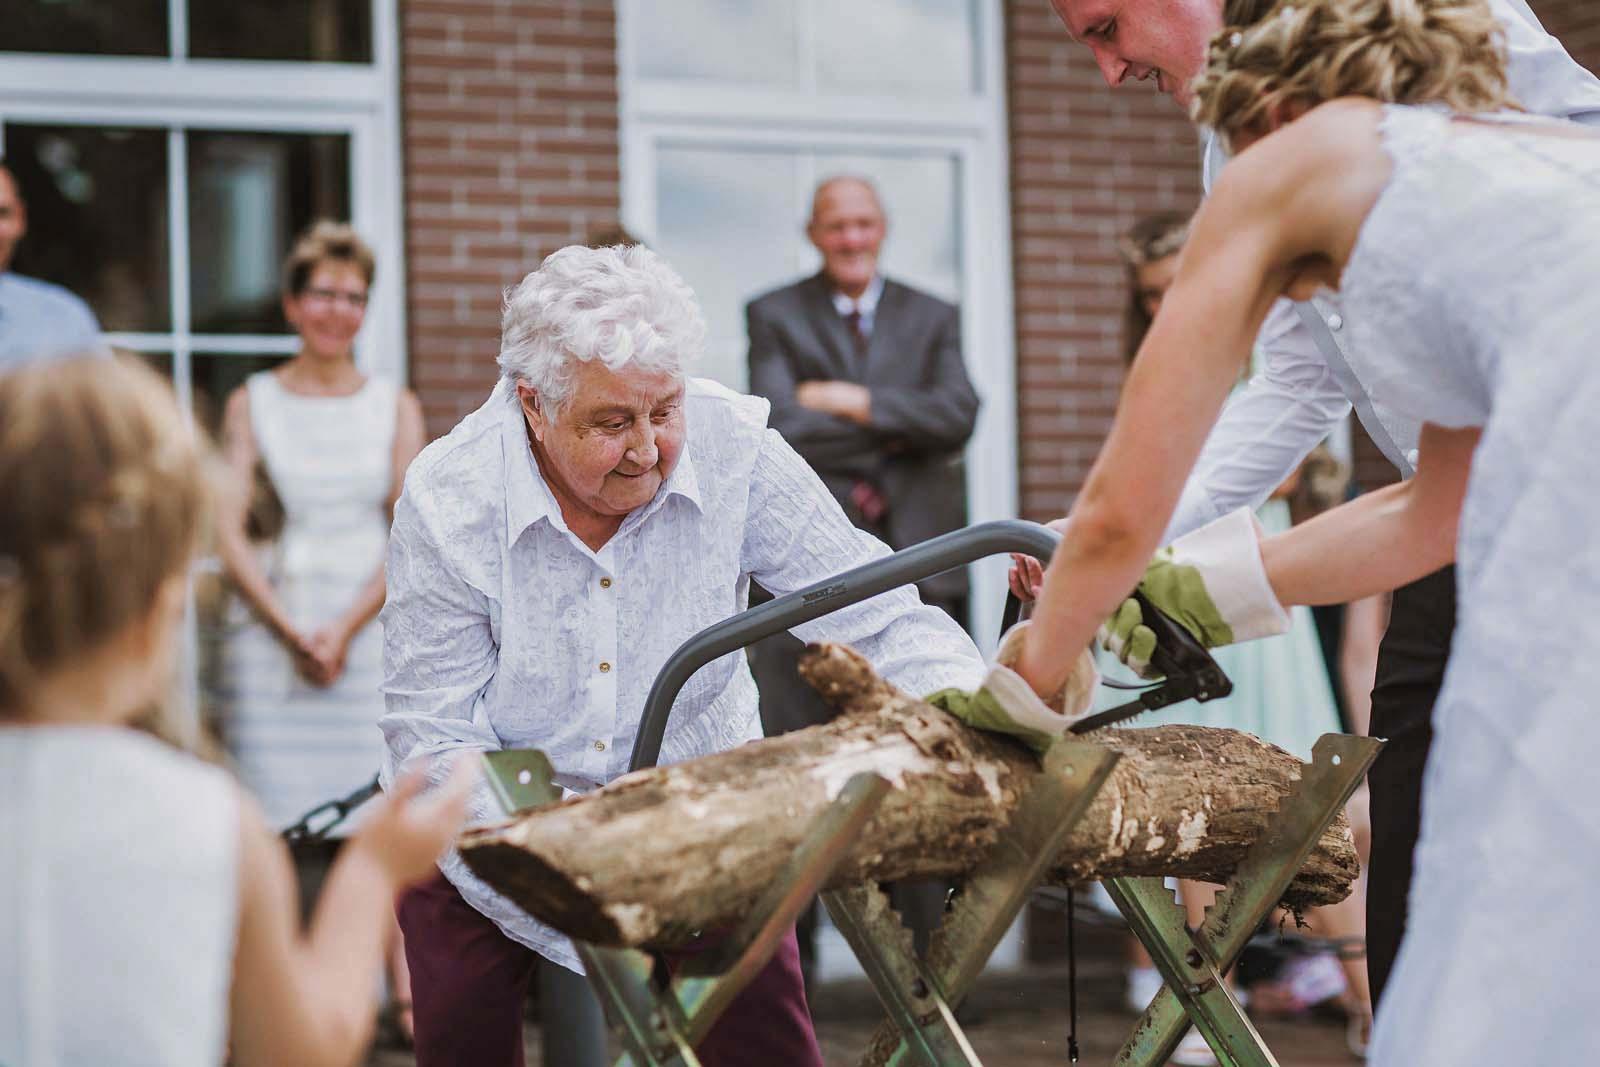 Hochzeitsreportage mit einer Oma beim Baumstammsaegen Copyright by Hochzeitsfotograf www.berliner-hochzeitsfotografie.de